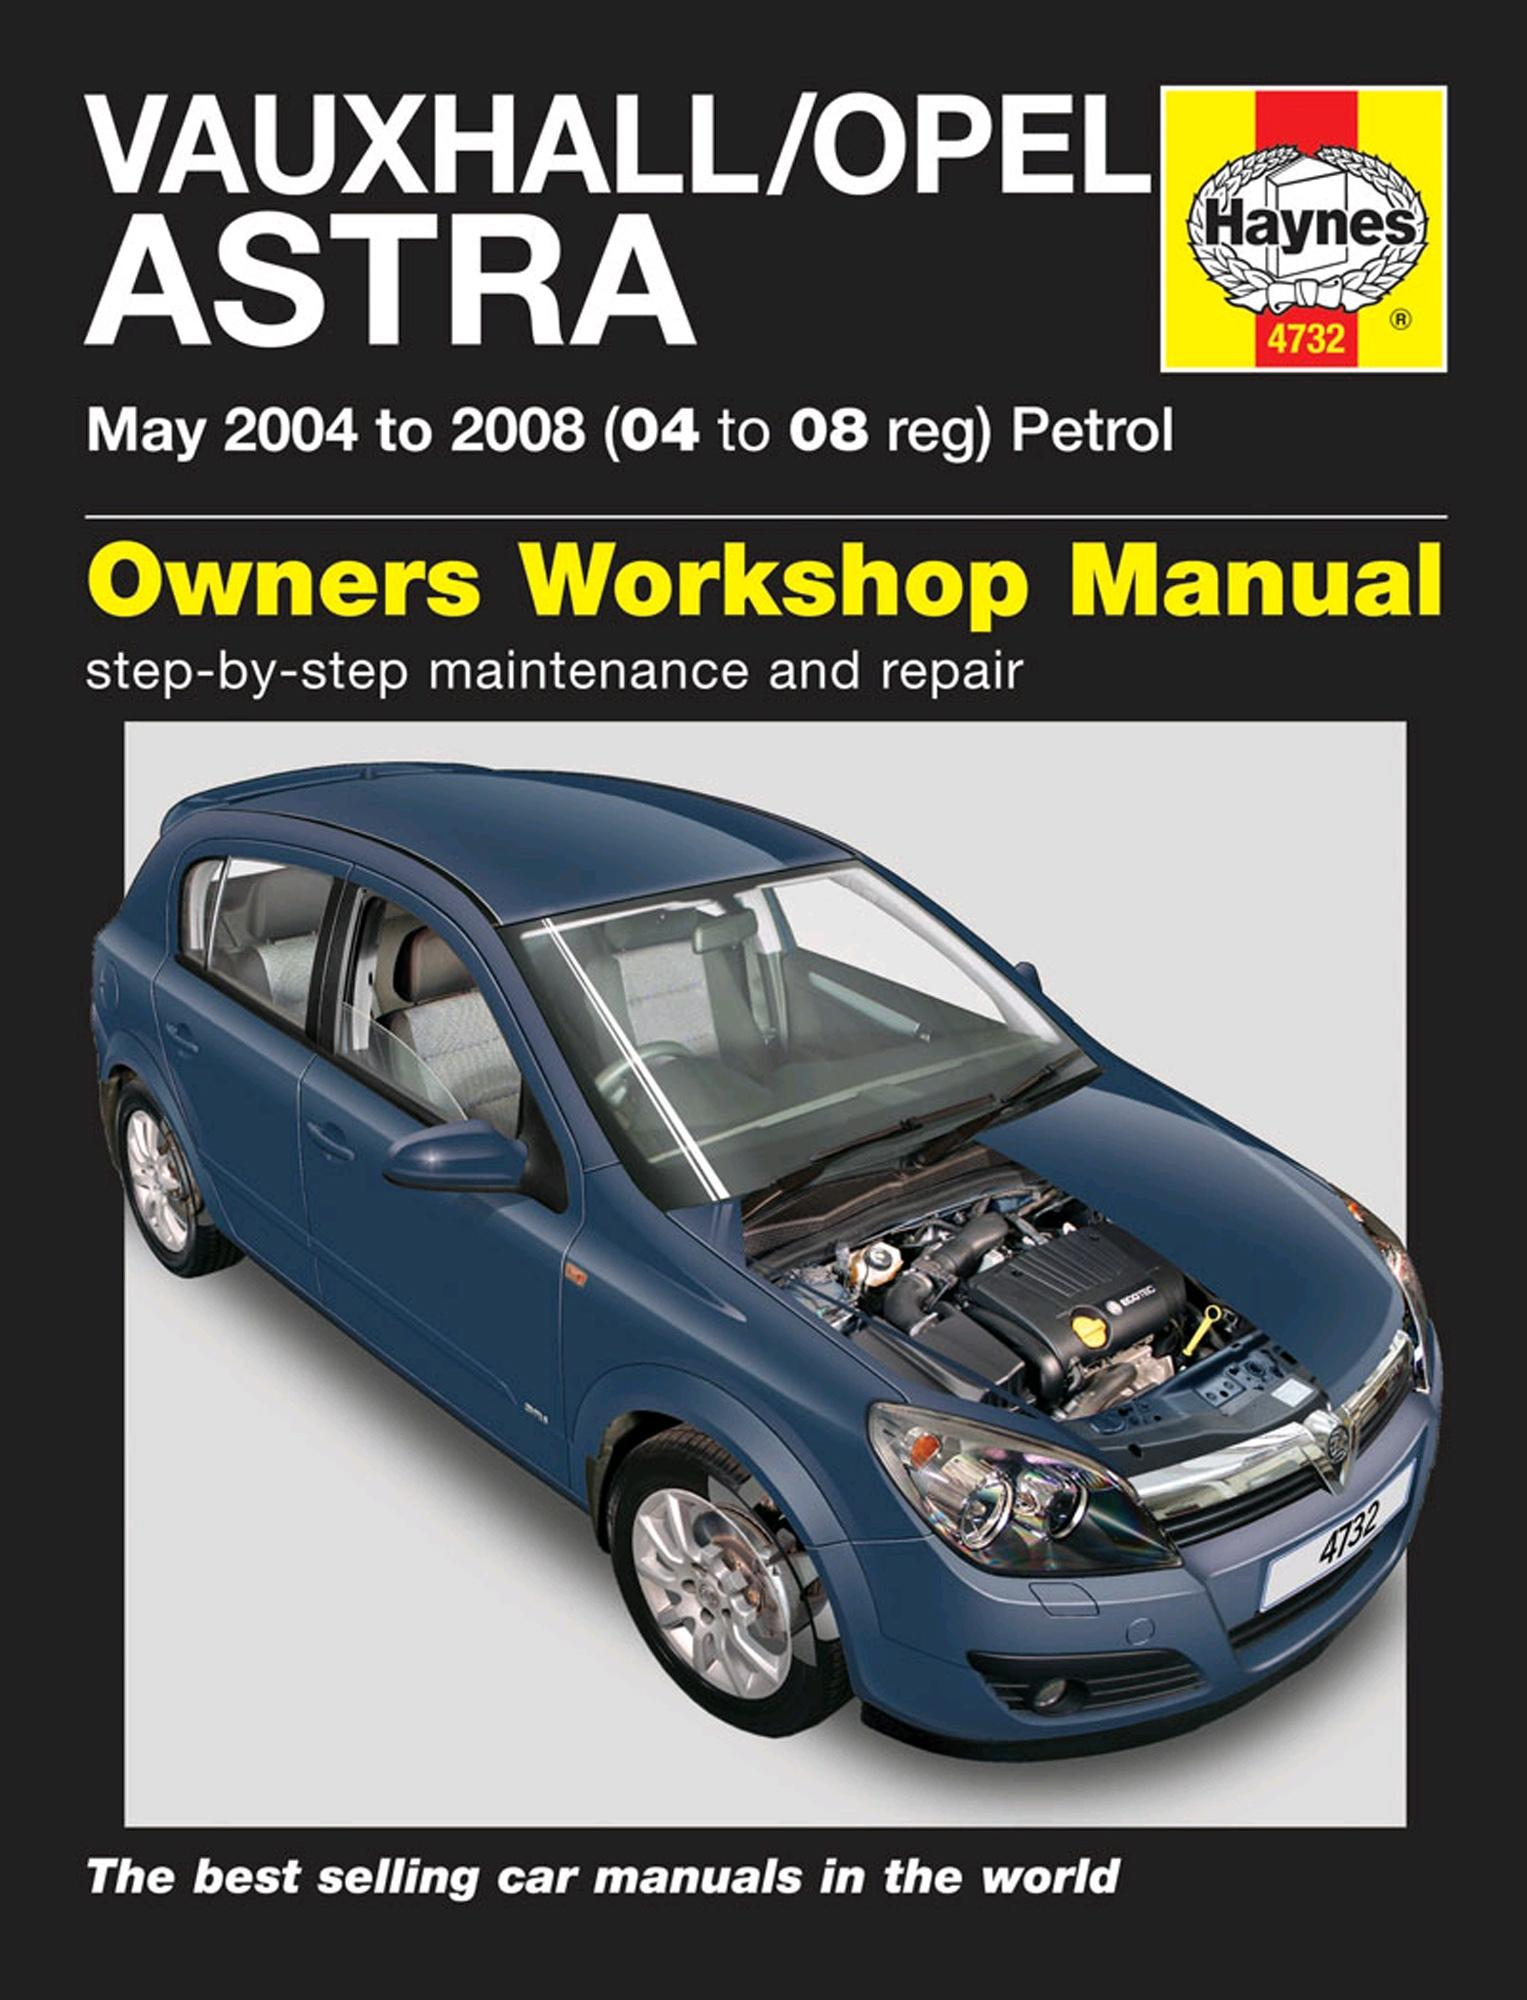 Haynes Owners Workshop Manual Vauxhall Opel Astra 2004-2008 Petrol  Maintenance